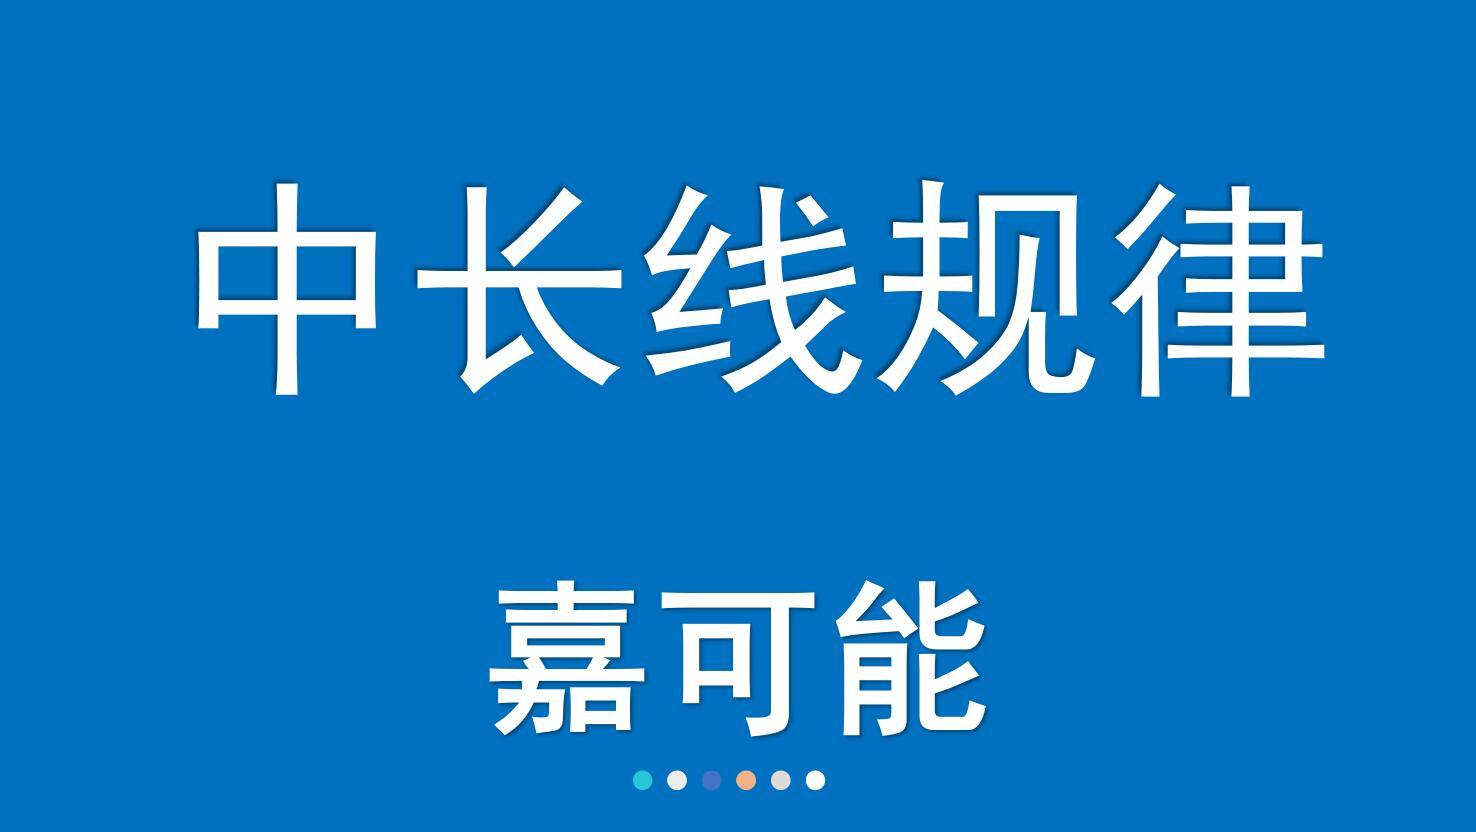 【嘉可能】中长线翻倍选股,规律复制最高效!贵州茅台就是规律复制!(5月11日)